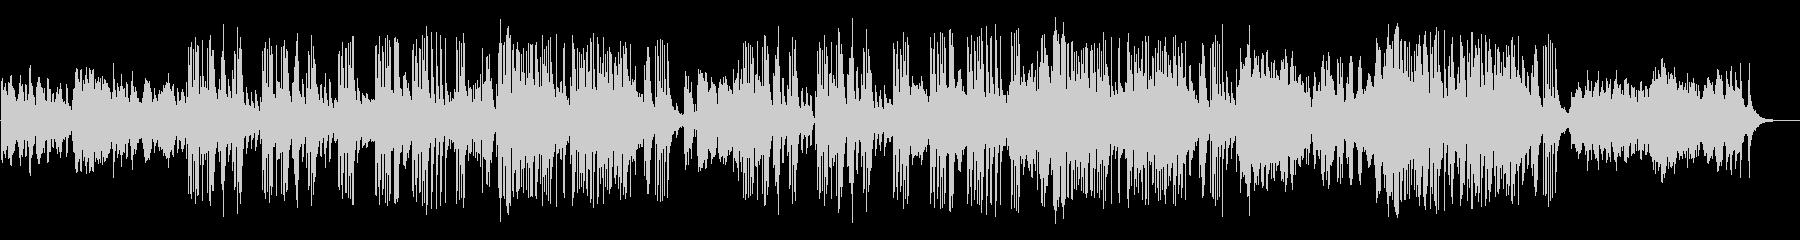 生ヴァイオリンとピアノの結婚式用バラードの未再生の波形